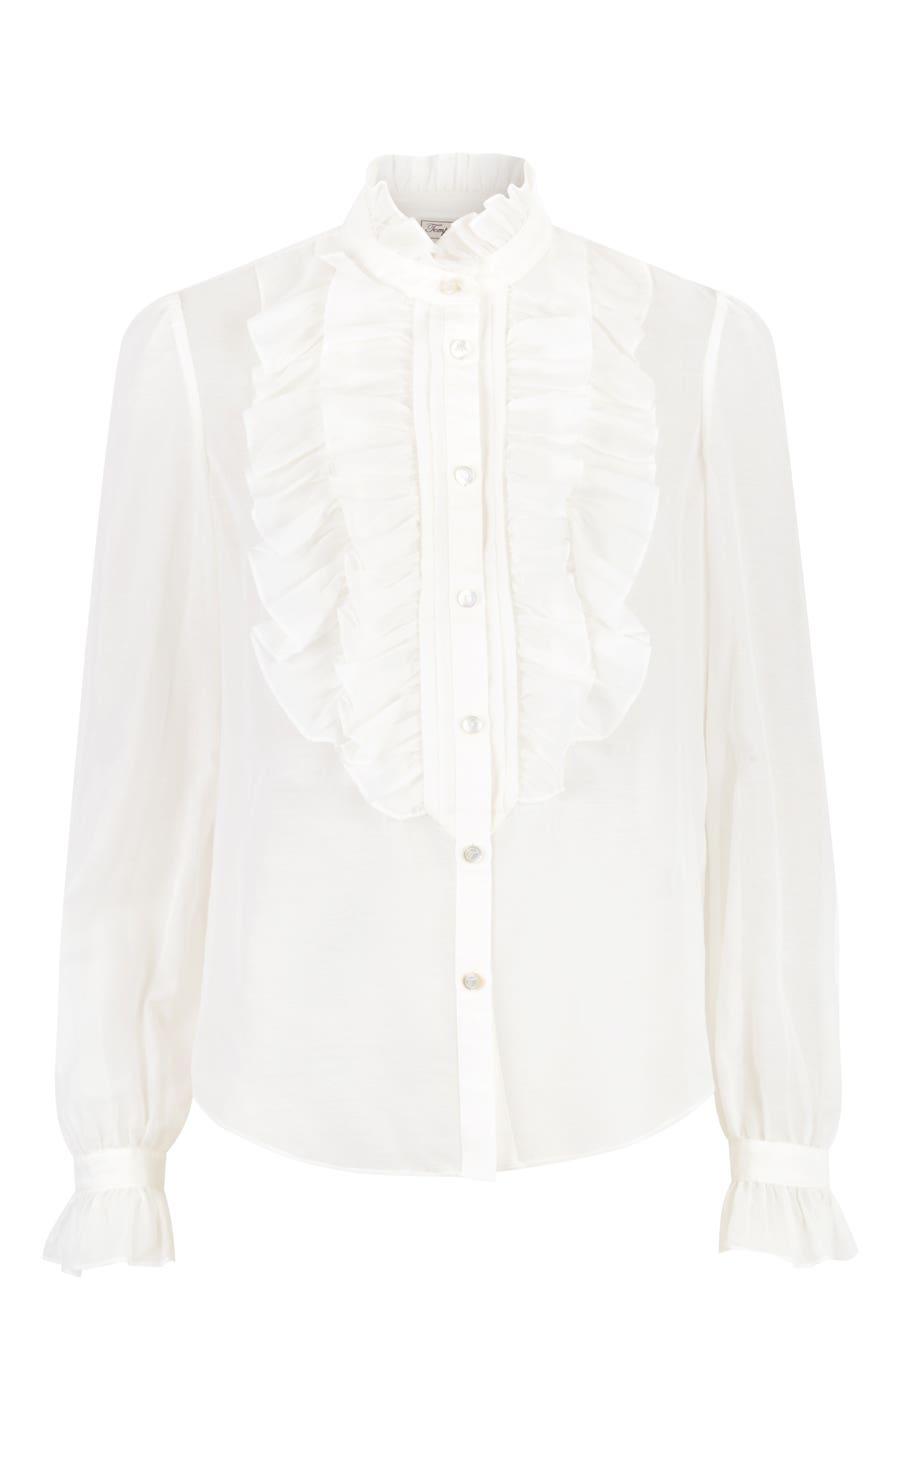 Strawberry Ruffle Shirt, White